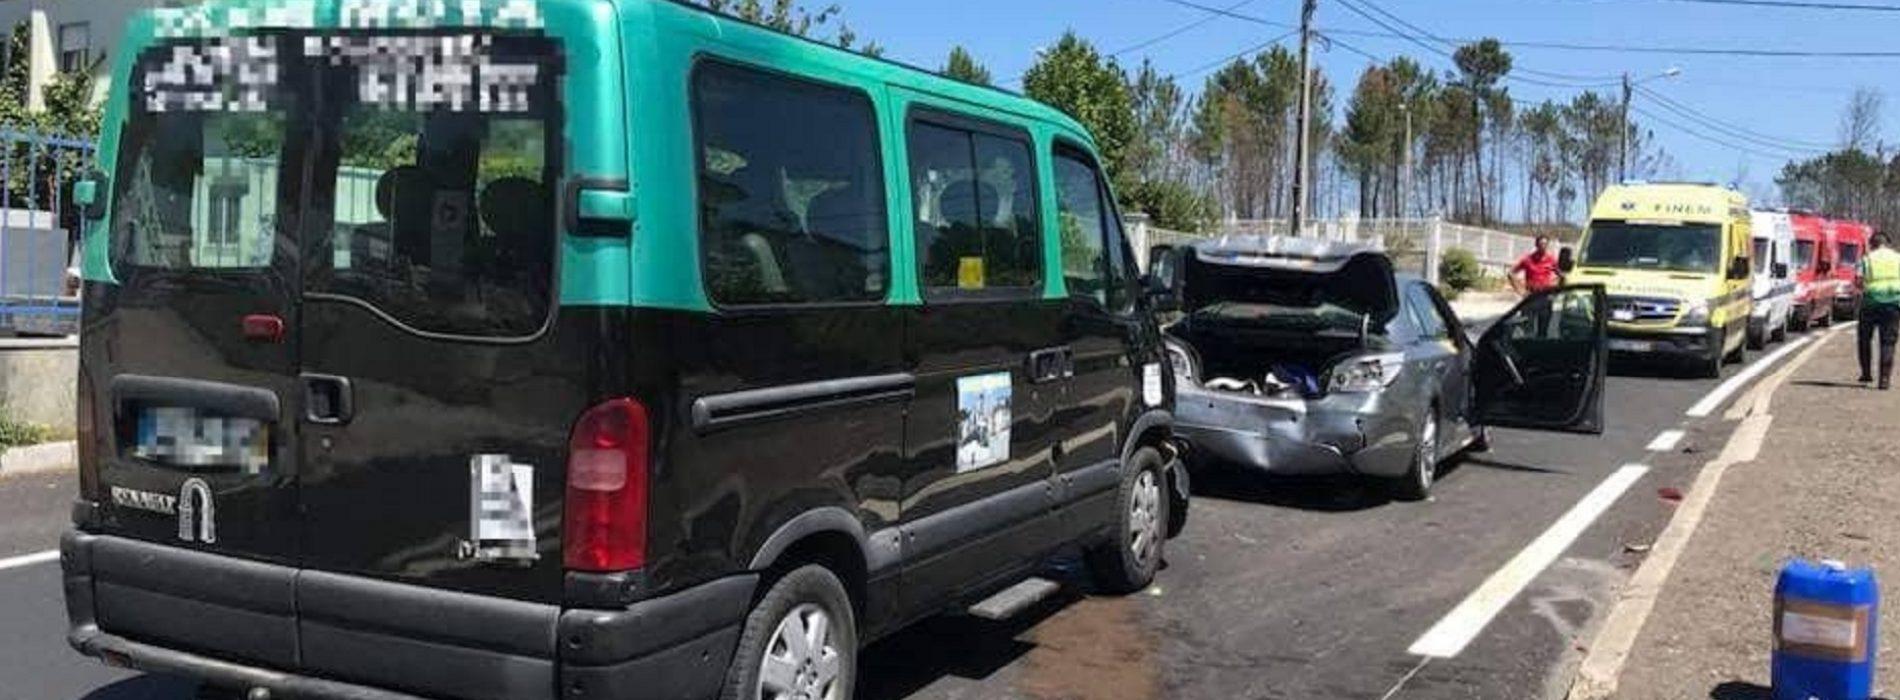 Colisão entre três viaturas provocou quatro feridos ligeiros em Oliveira do Hospital